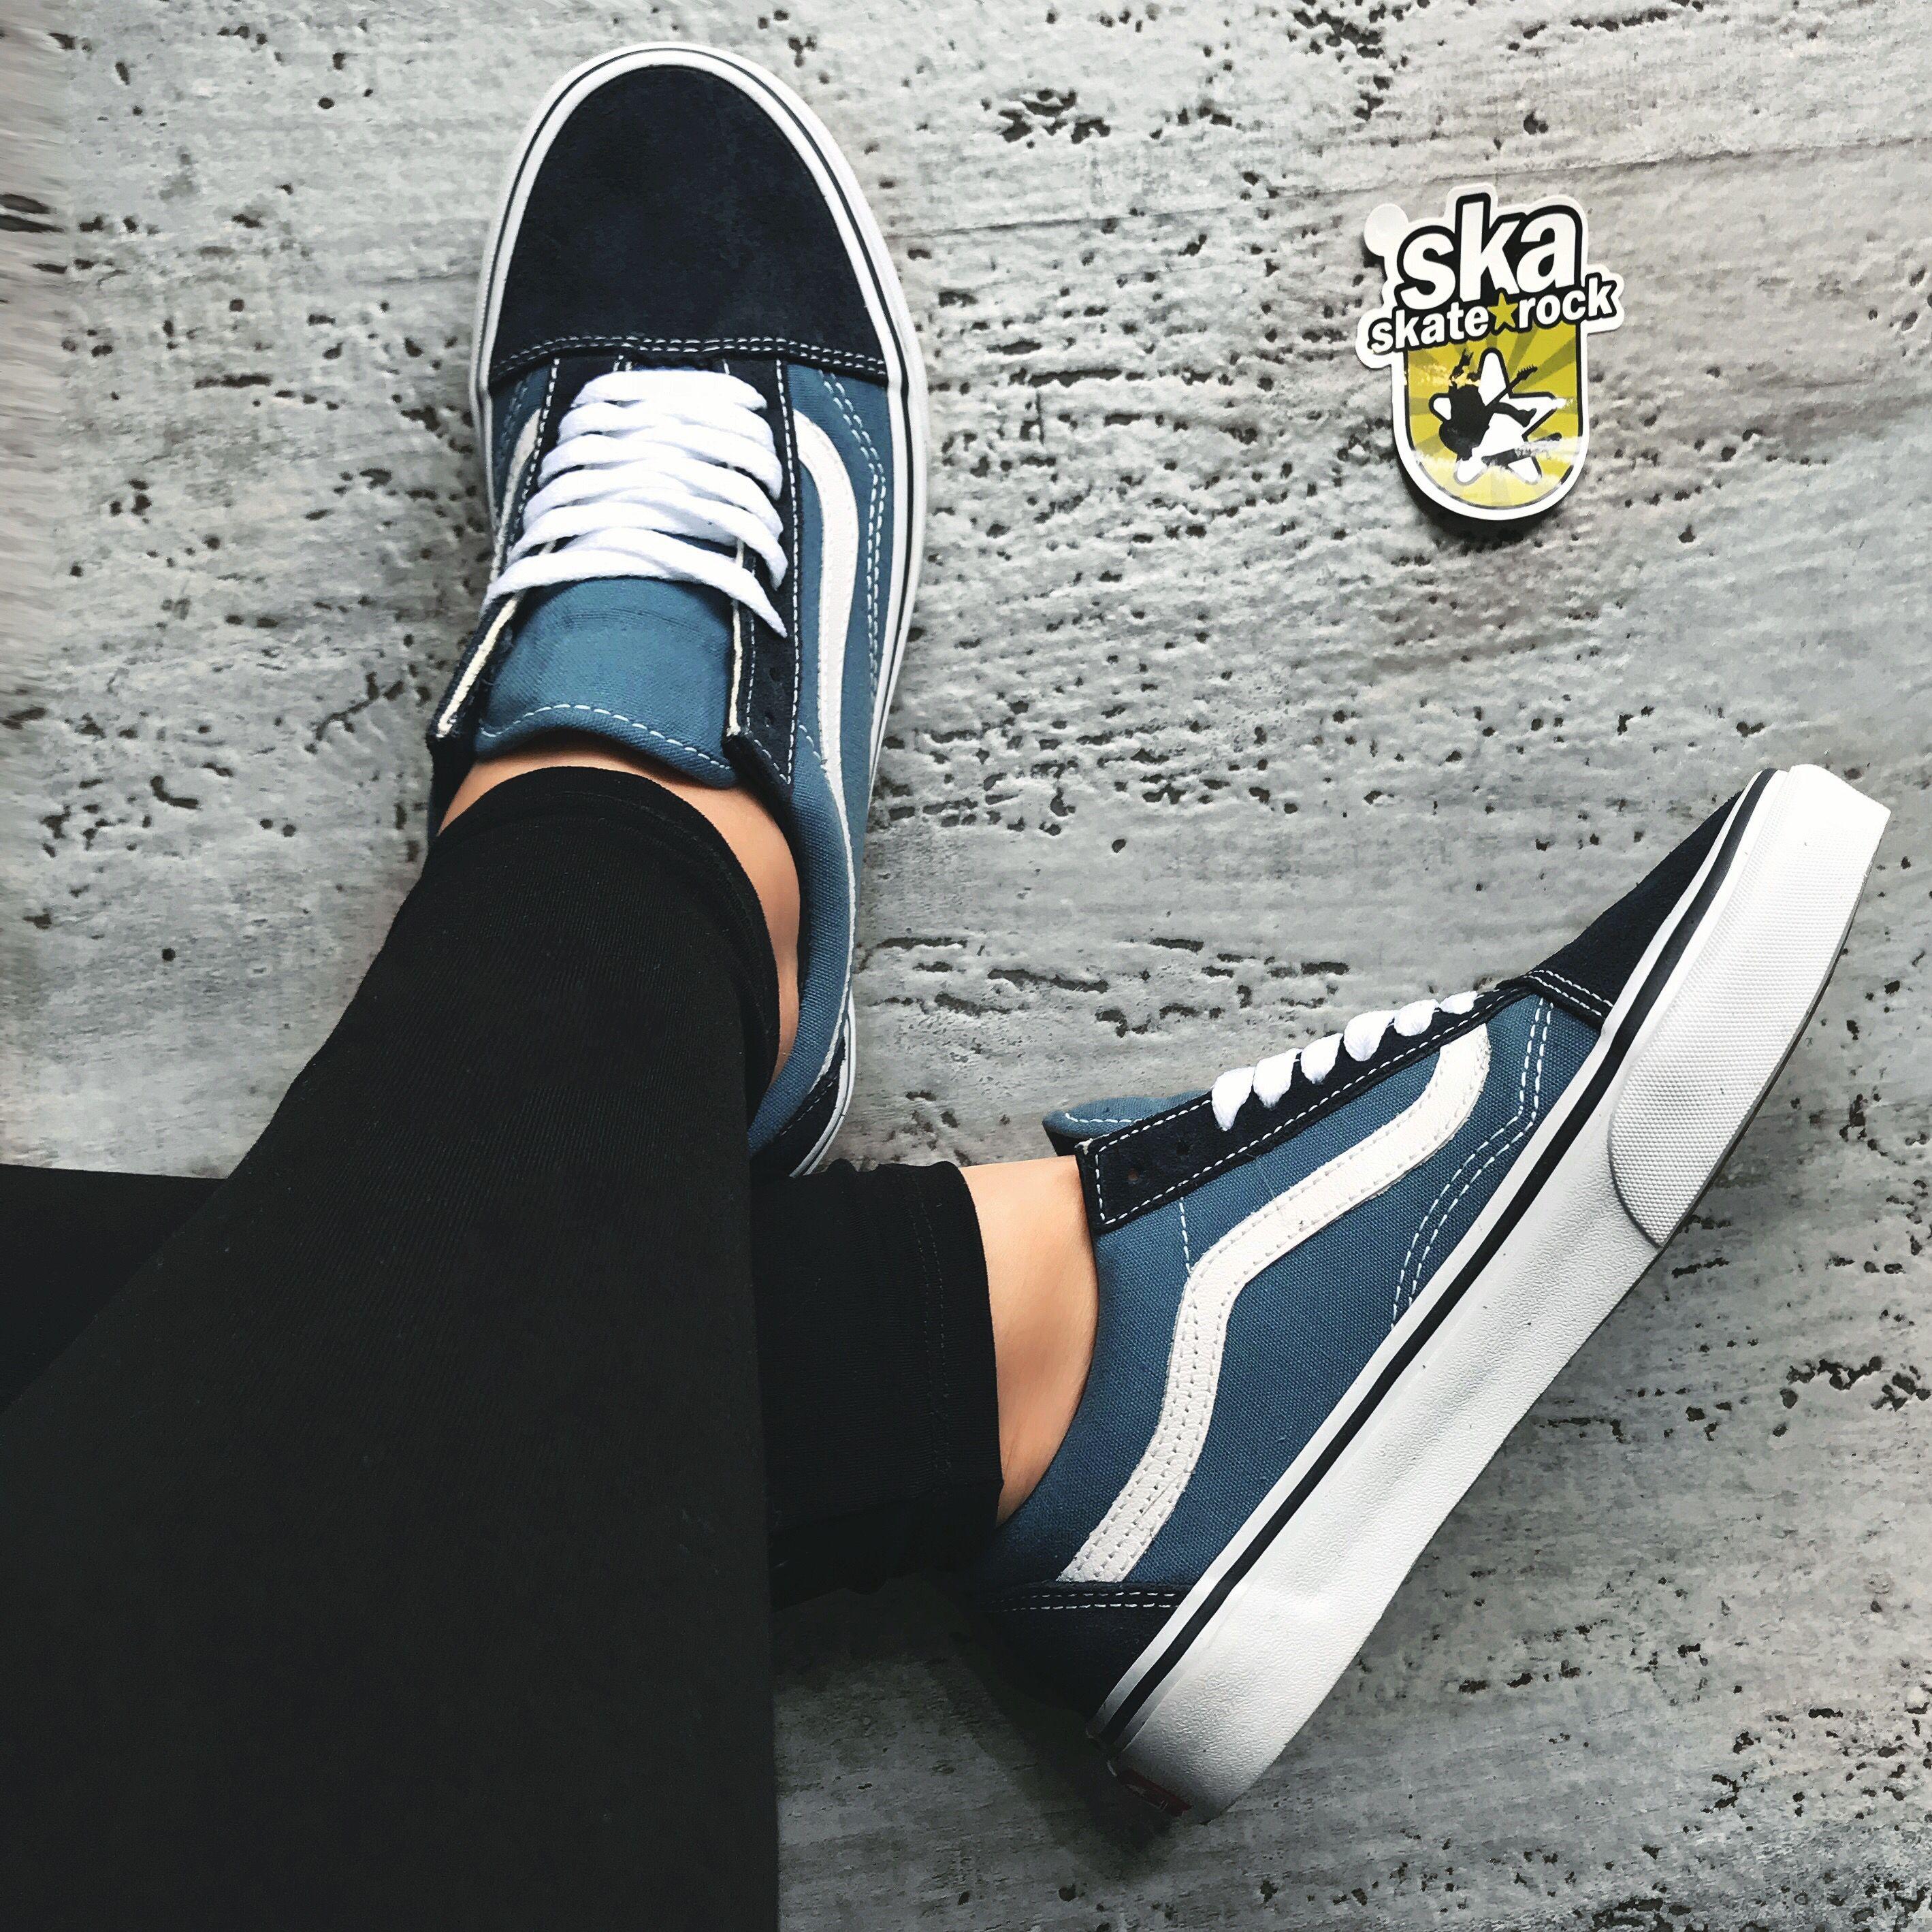 Chegou Vans Old Skool Navy Do 34 Ate O 38 R 299 99 Frete Gratis Para Todo O Brasil Para Localizar No Site Busque Por Nvy Em 2020 Sapatos Sapatos Fashion Roupas